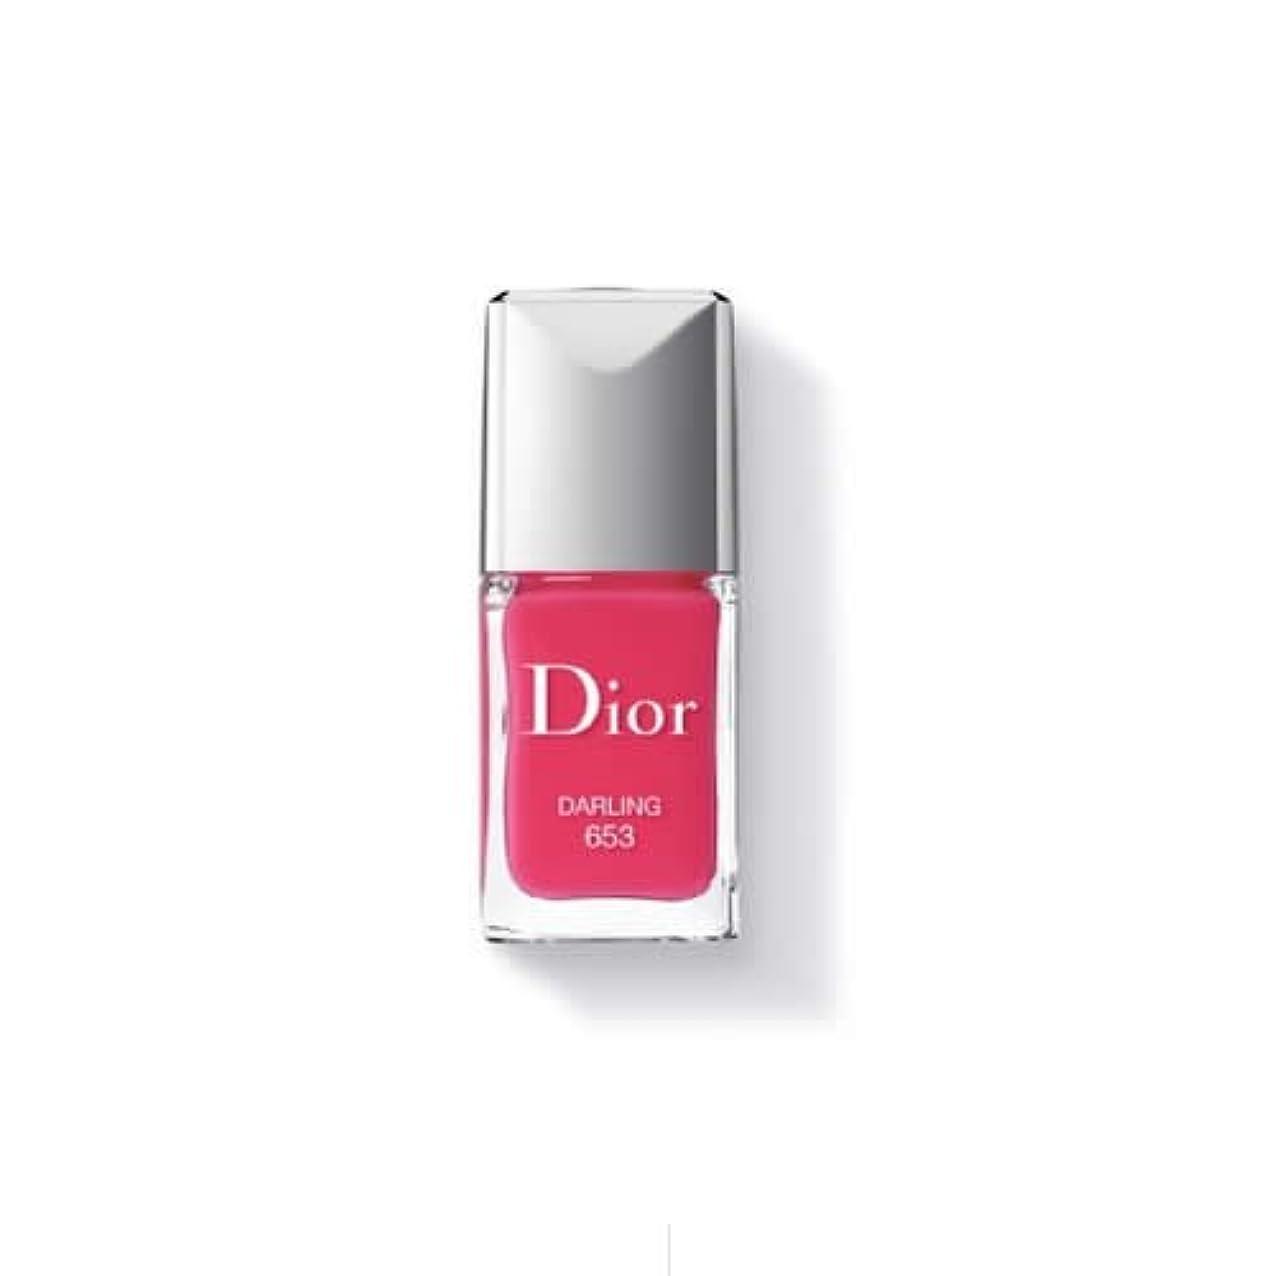 ウナギ打たれたトラック選択するディオール ヴェルニ #653 ダーリン 10ml クリスチャン ディオール Christian Dior 訳あり